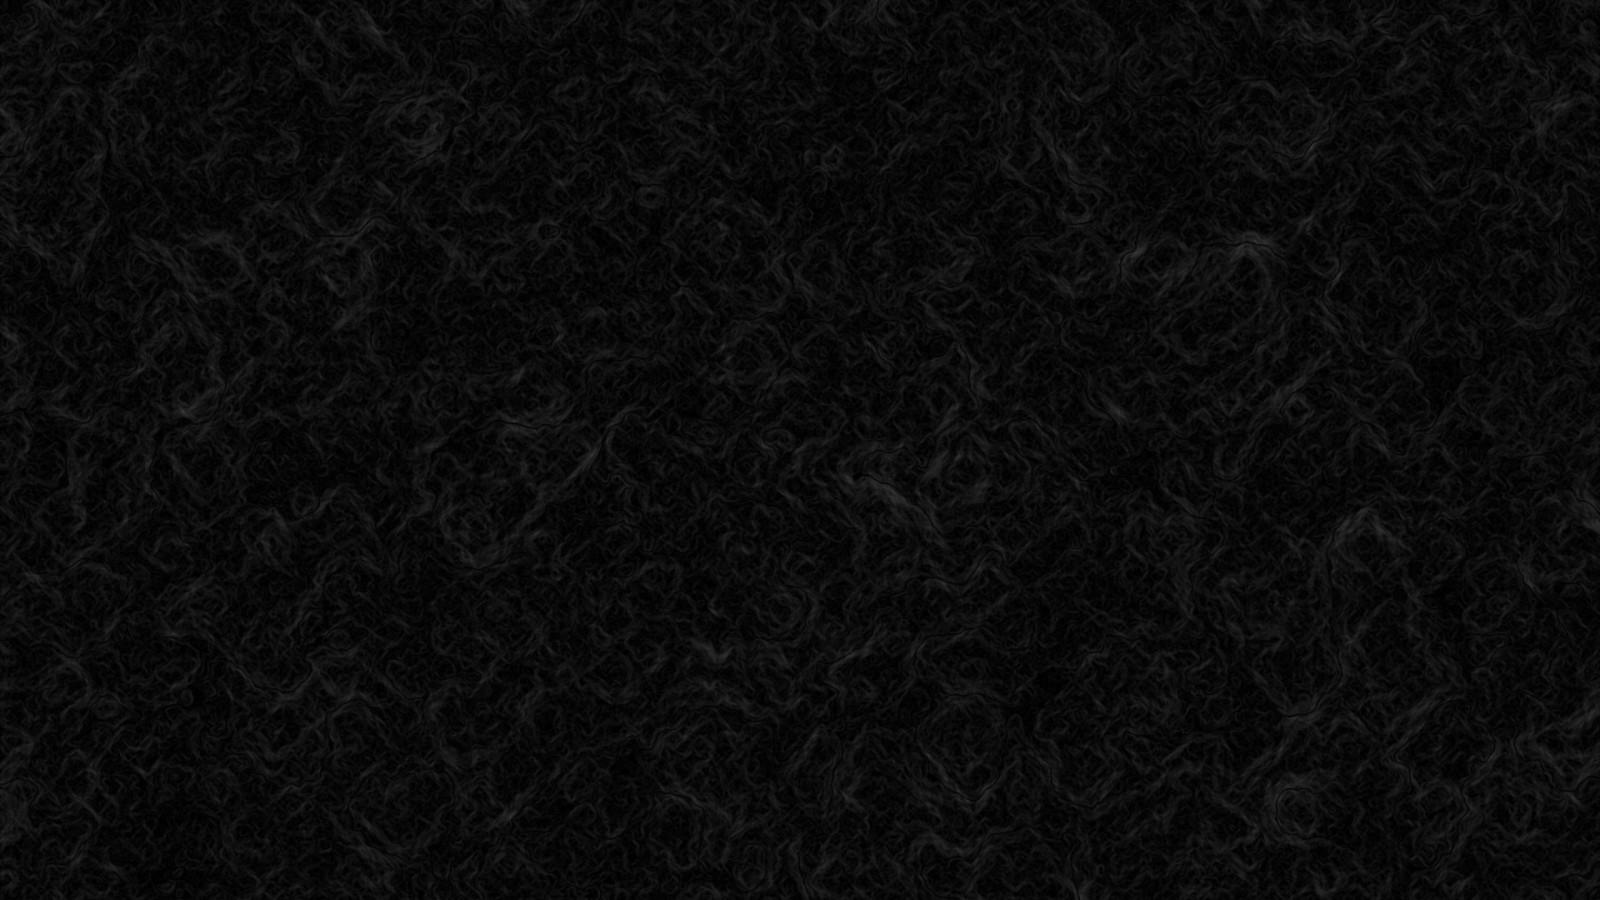 Fond Décran Monochrome Abstrait Modèle Texture Cercle